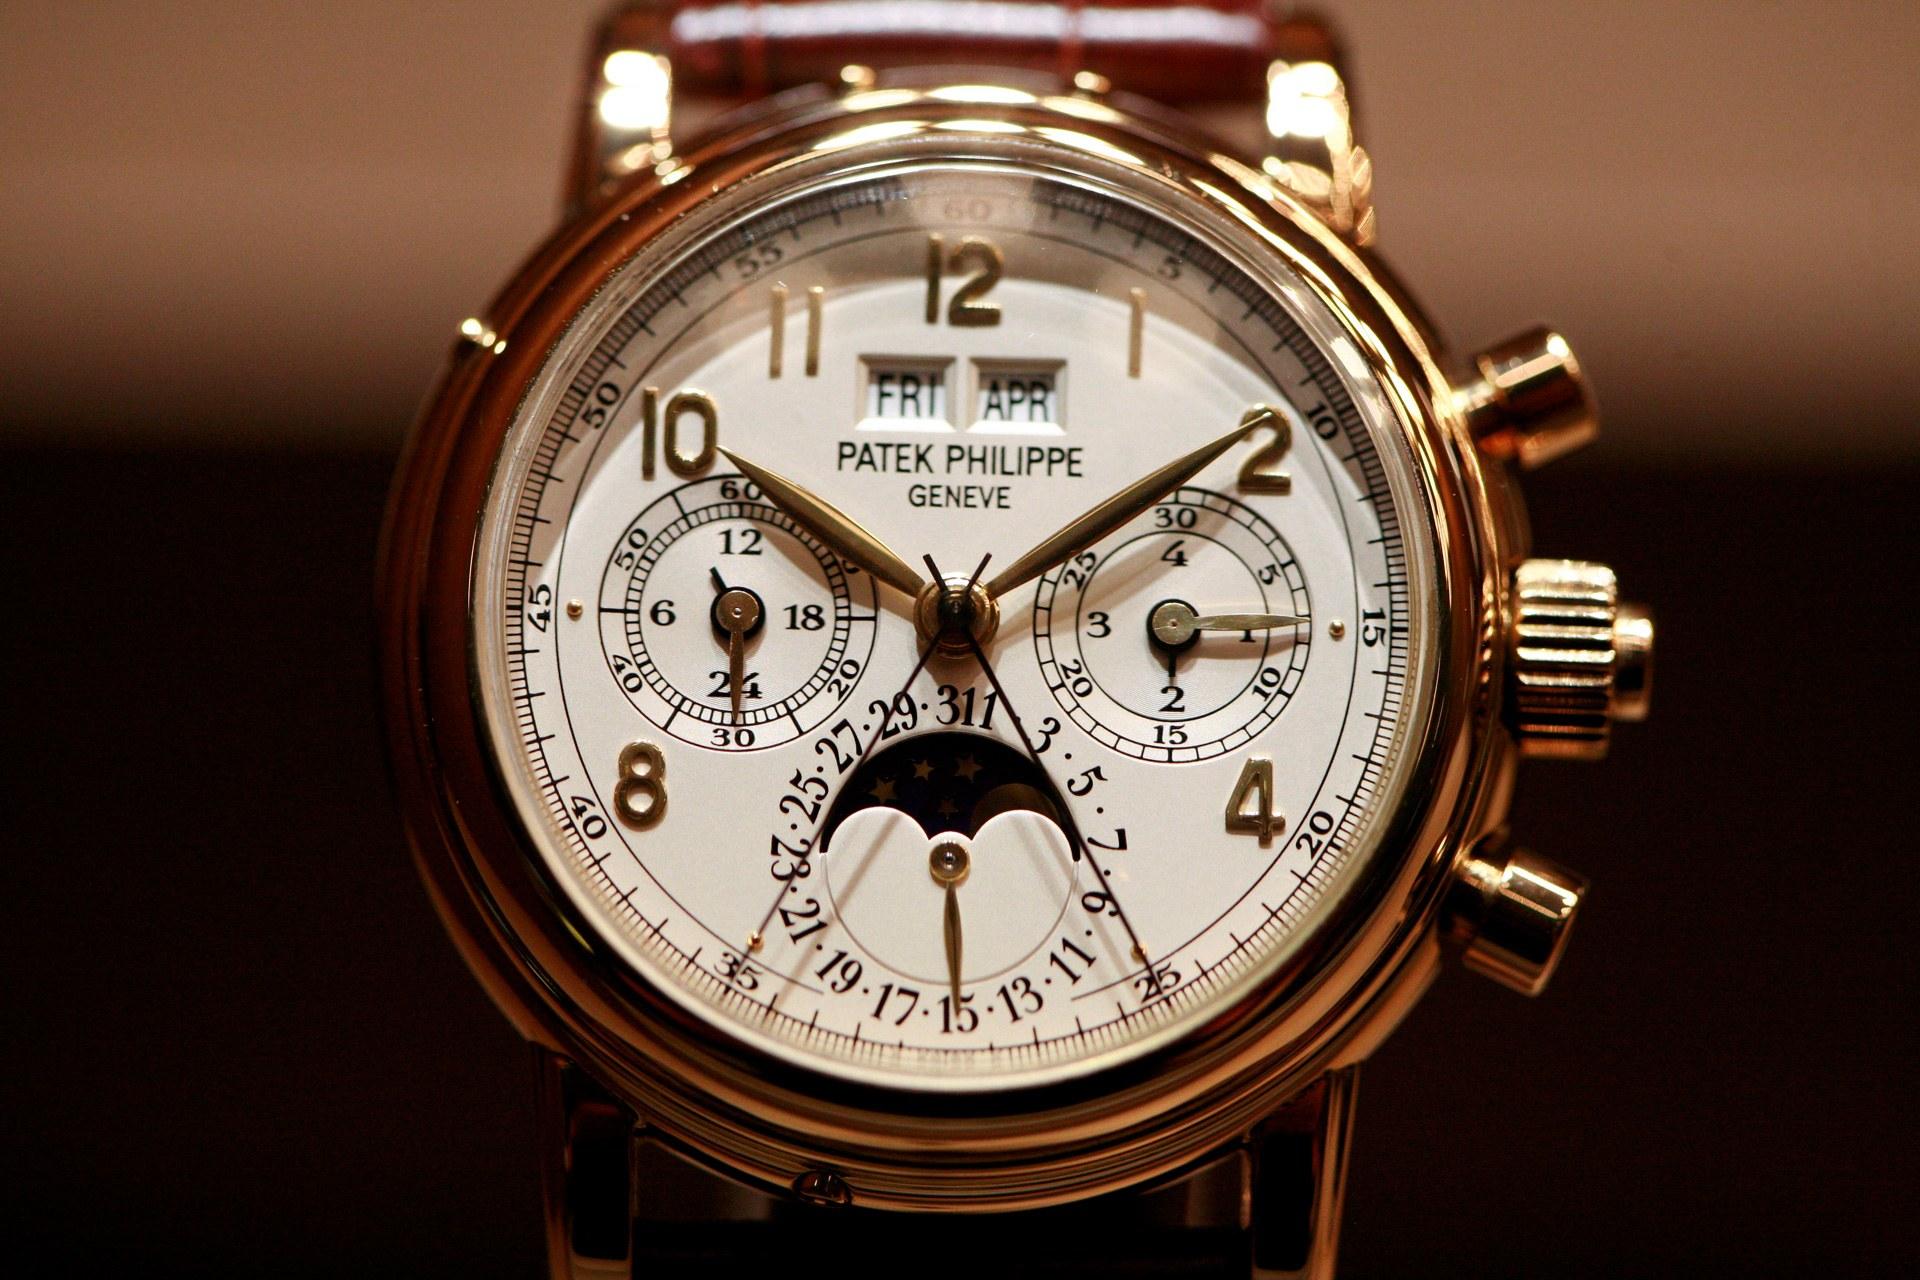 6528b3474eb Relógio do Haddad é mesmo um Patek Philippe de 100.000 dólares ...